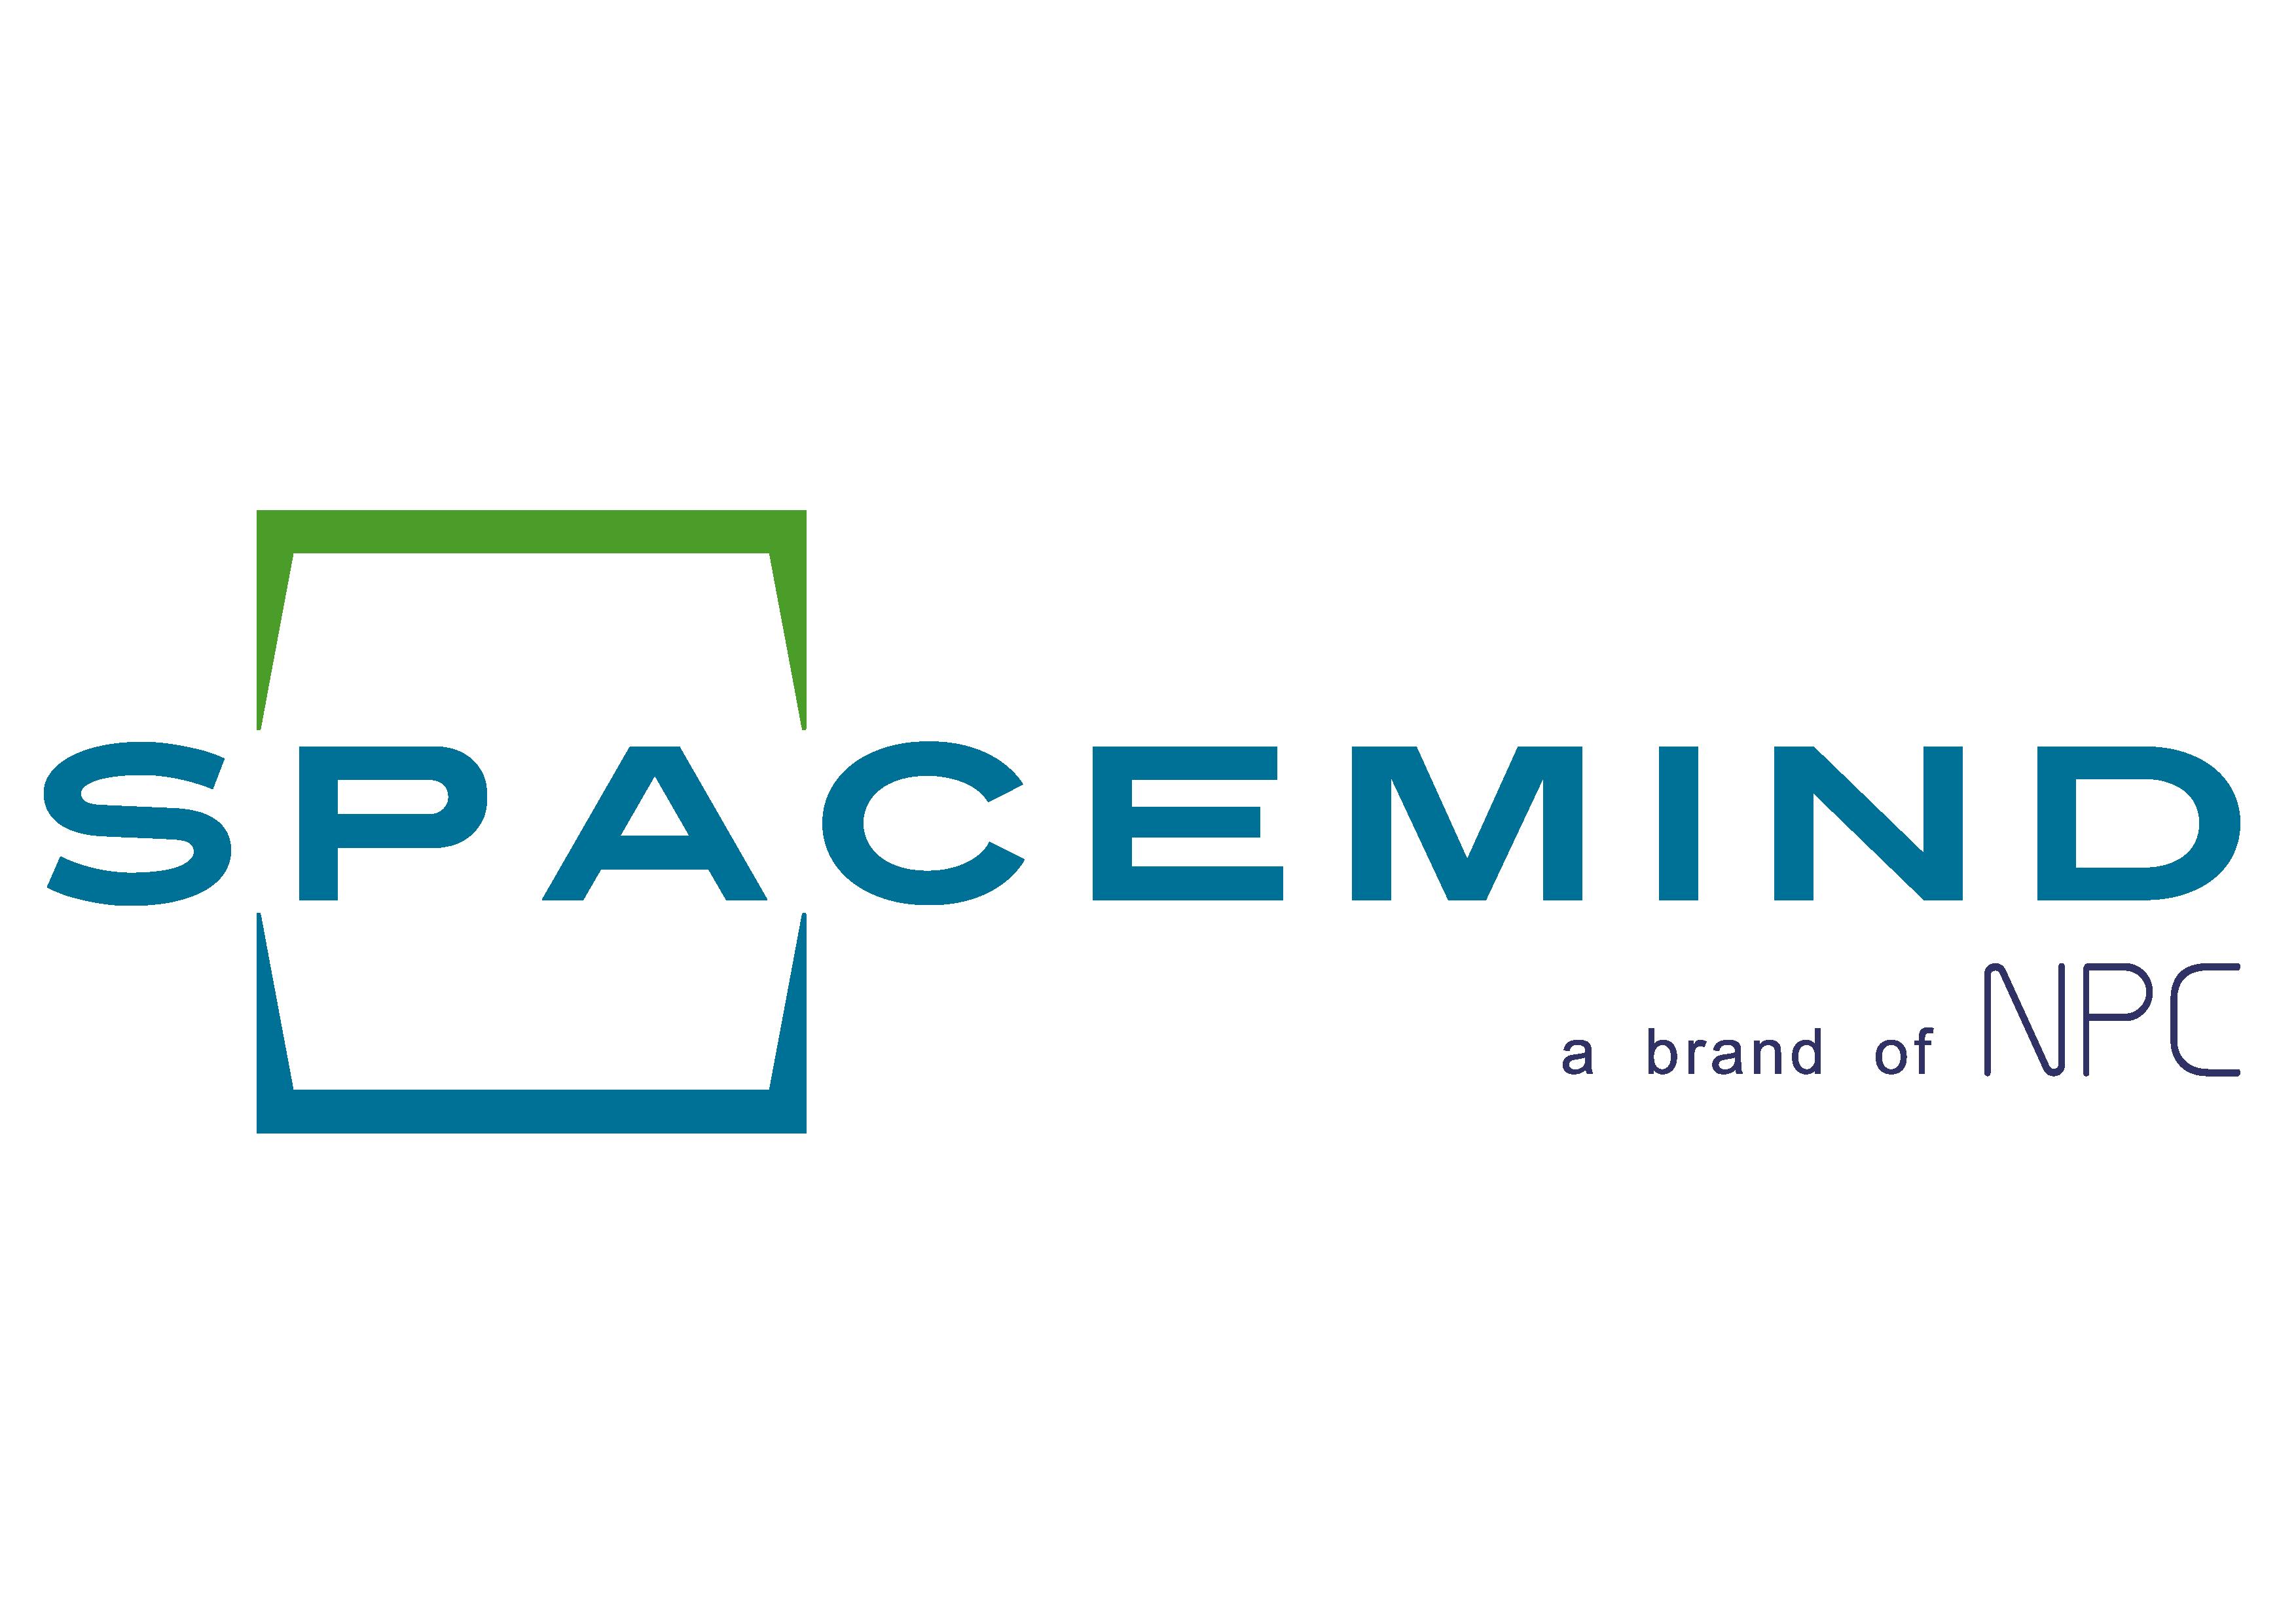 NPC Spacemind